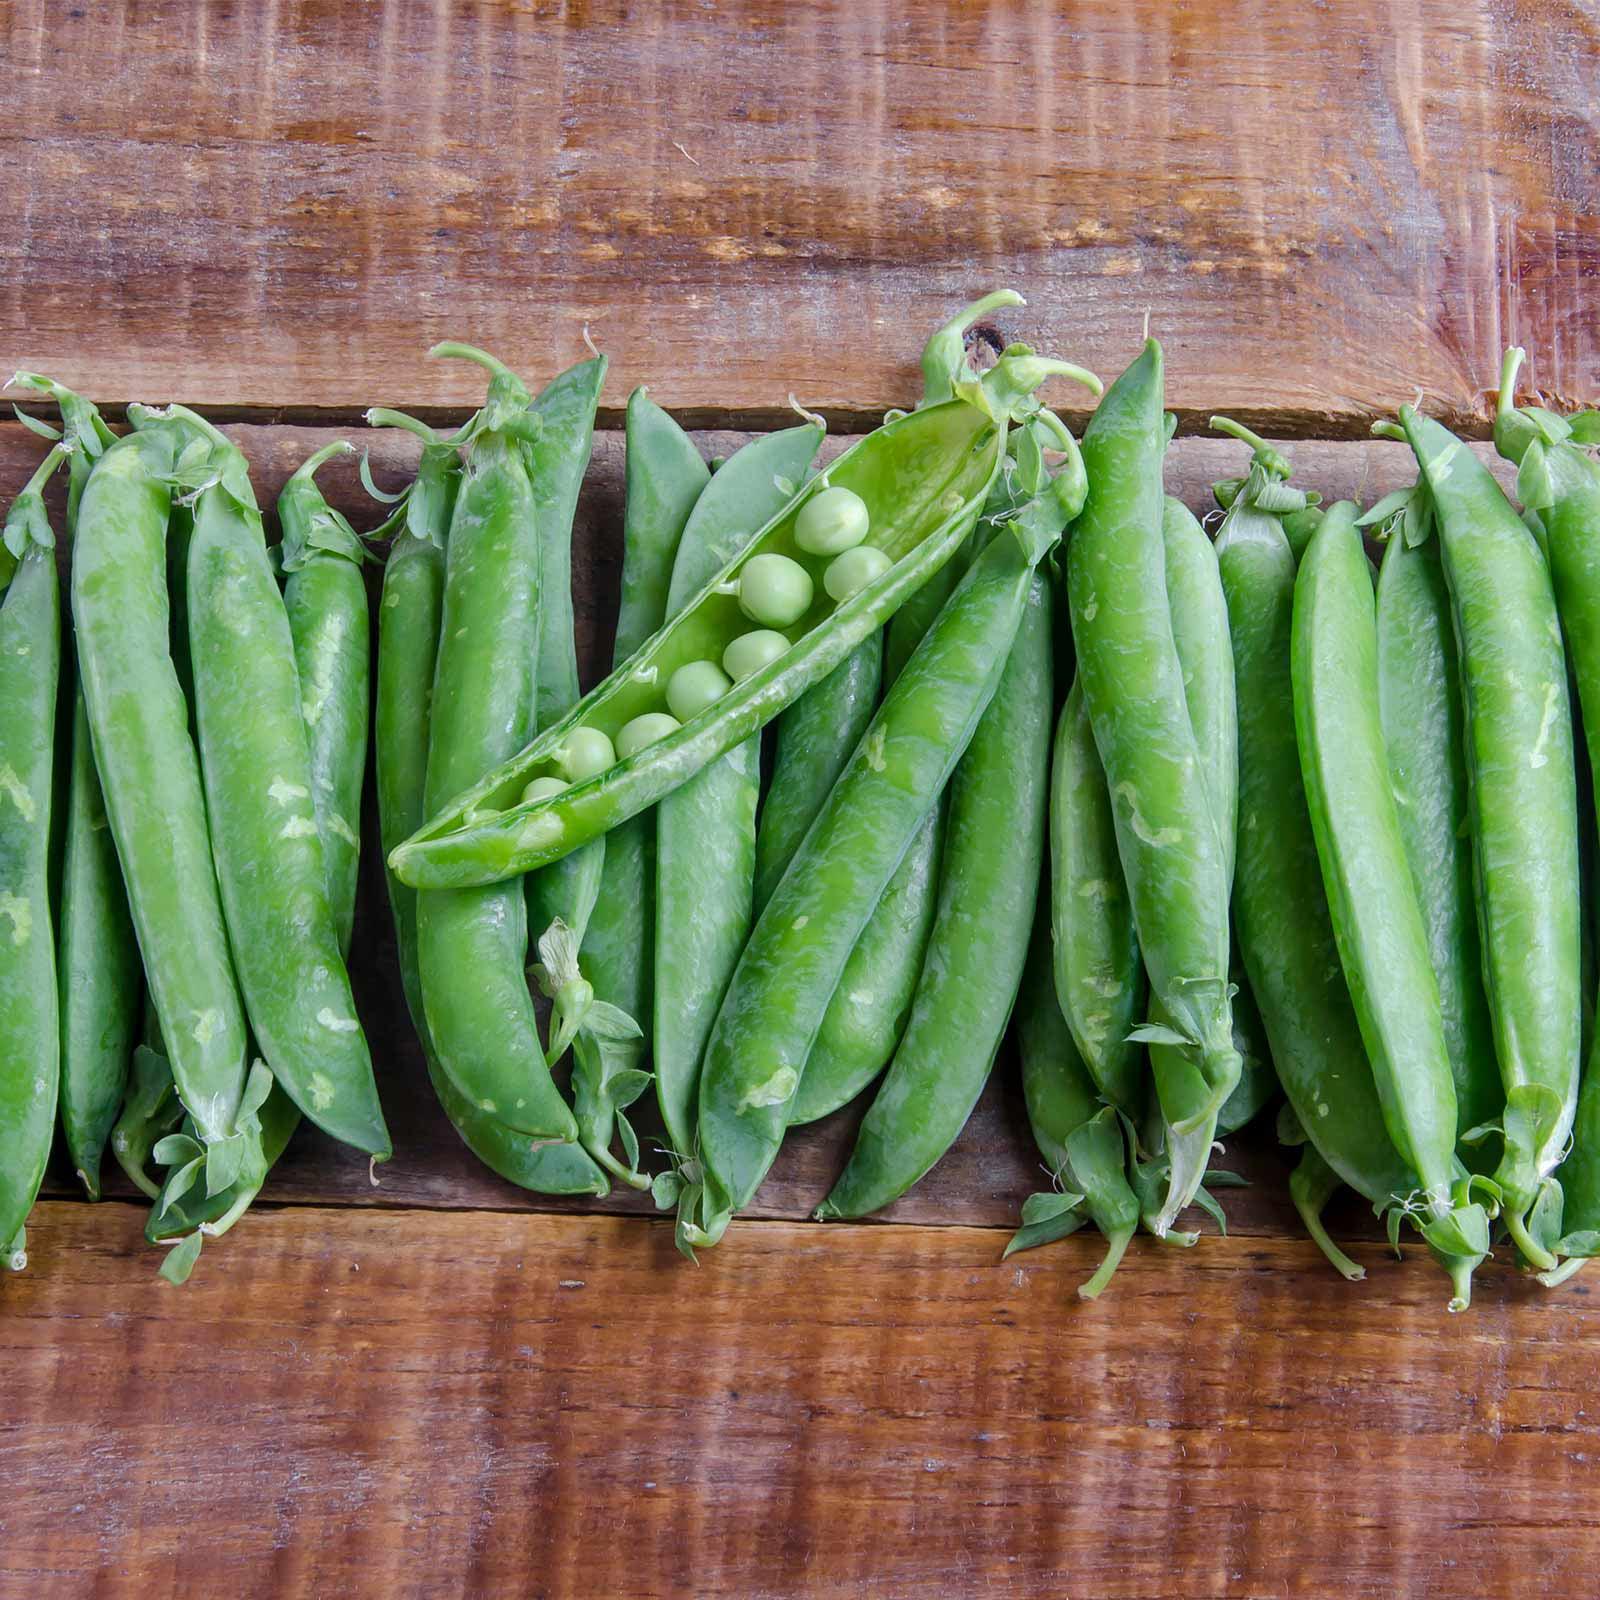 Green Arrow Pea Garden Seeds - 5 Lb - Non-GMO, Heirloom Vegetable Gardening & Micro Pea Shoots Seeds